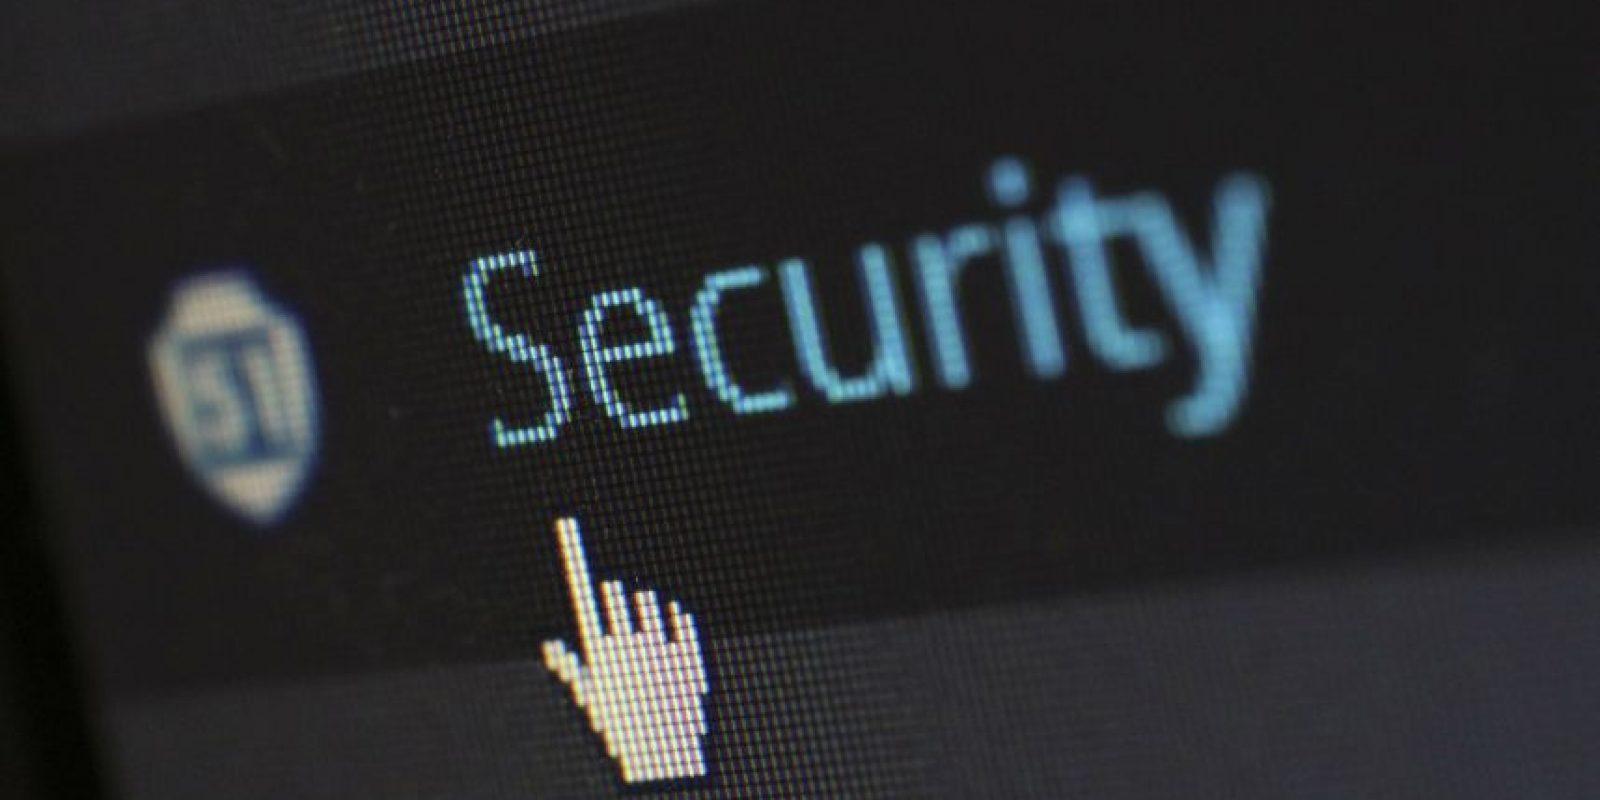 5 puntos clave sobre el hackeo ruso y Estados Unidos Foto:Pixabay